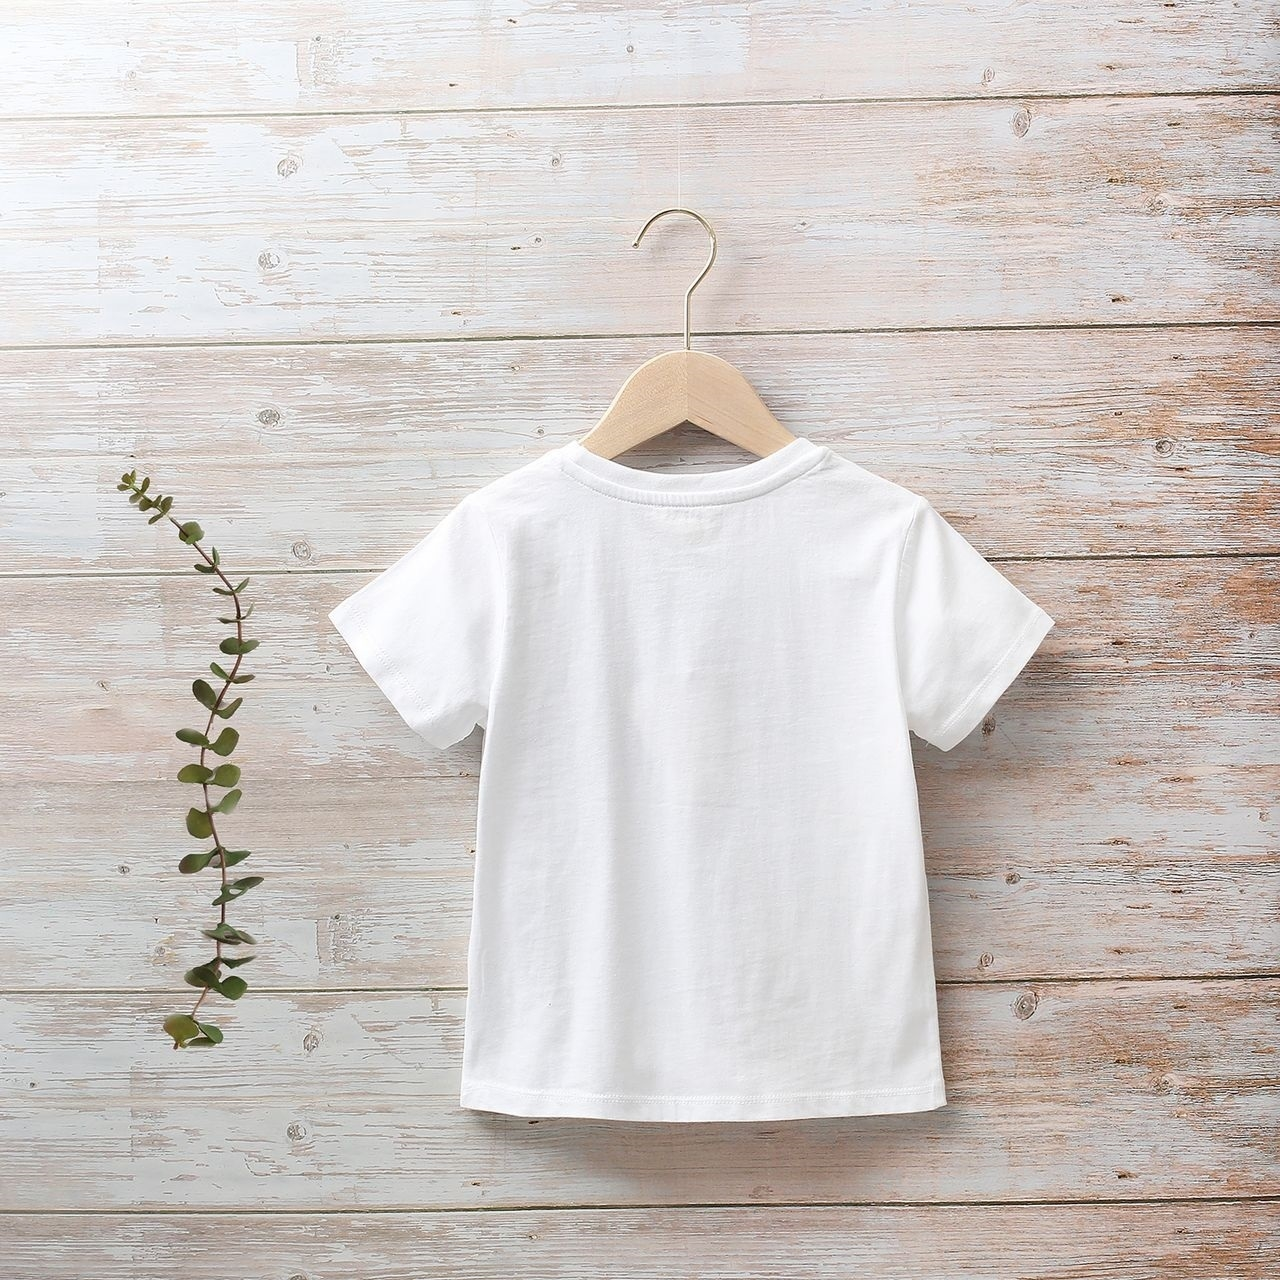 Imagen de Camiseta niño blanca con estampado de barco